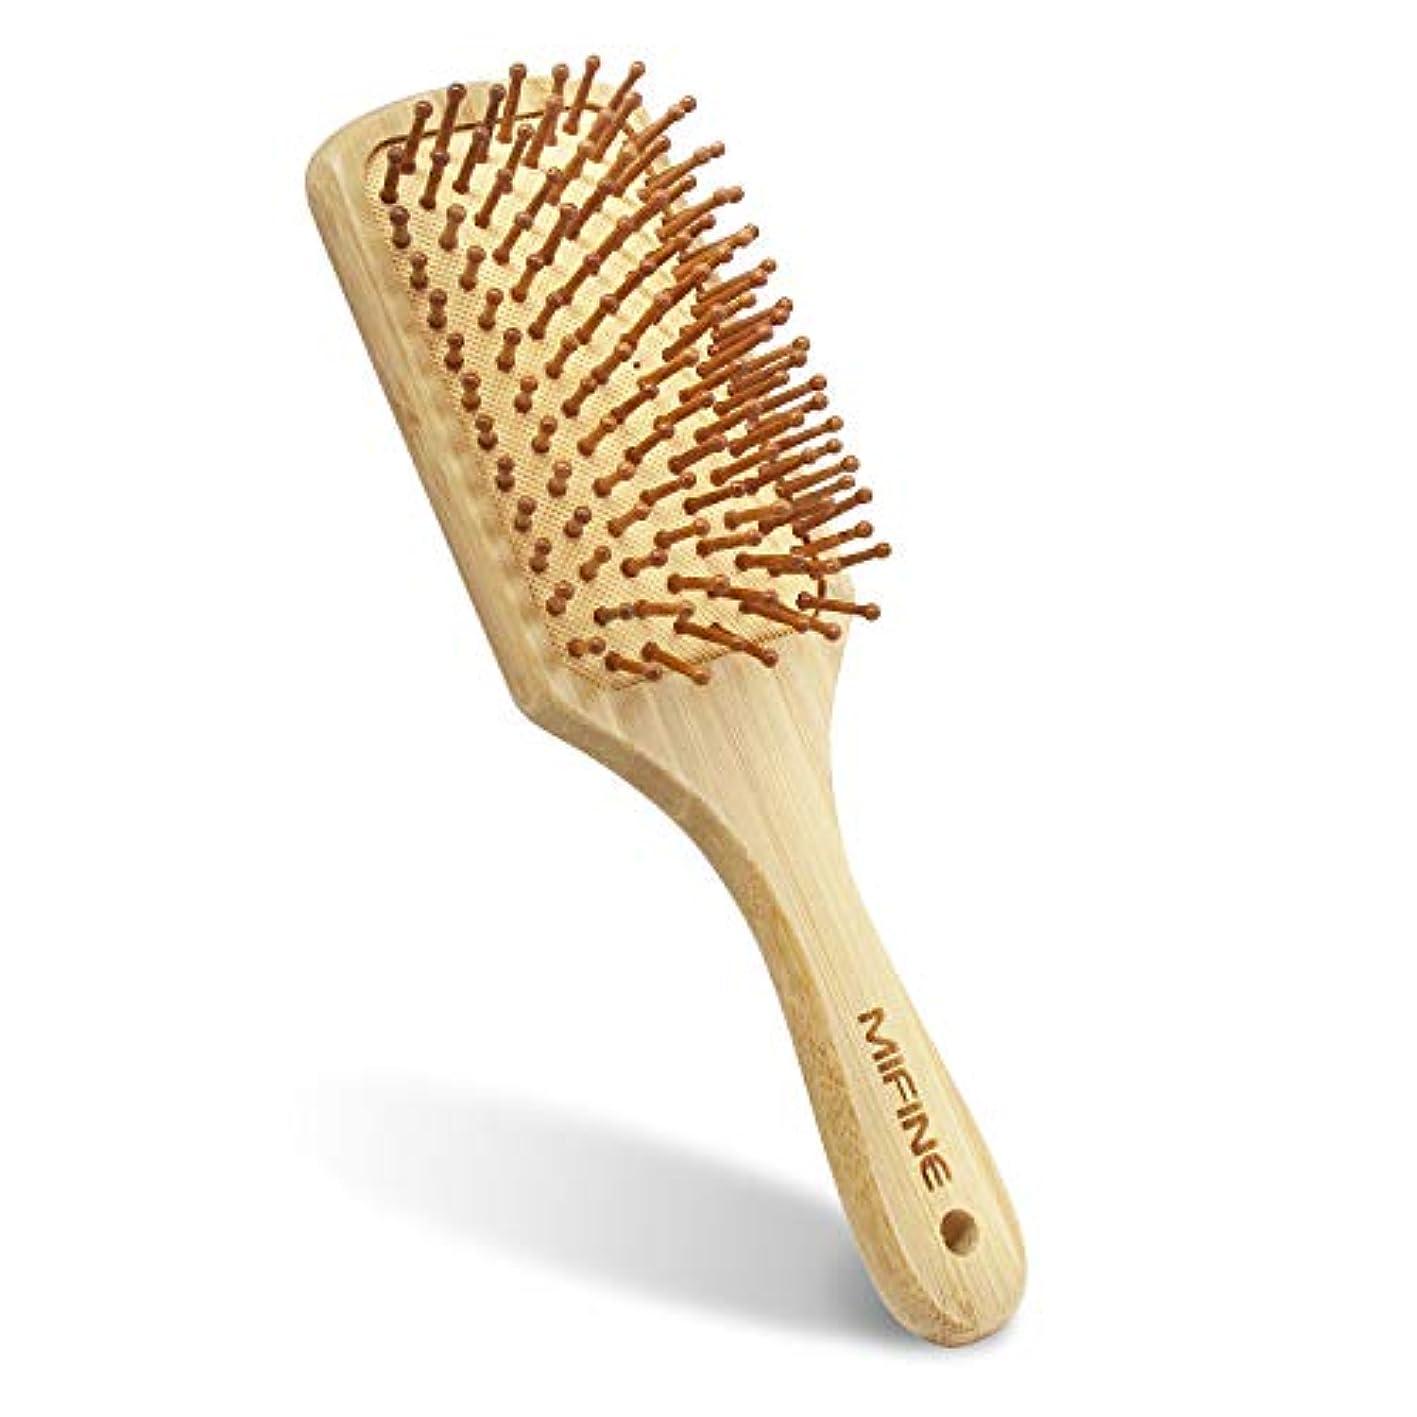 失速ほめる上向きヘアブラシ 木製櫛 Mifine 頭皮/肩/顔マッサージコーム 美髪ケア 血行促進 薄毛改善 (大) [並行輸入品]